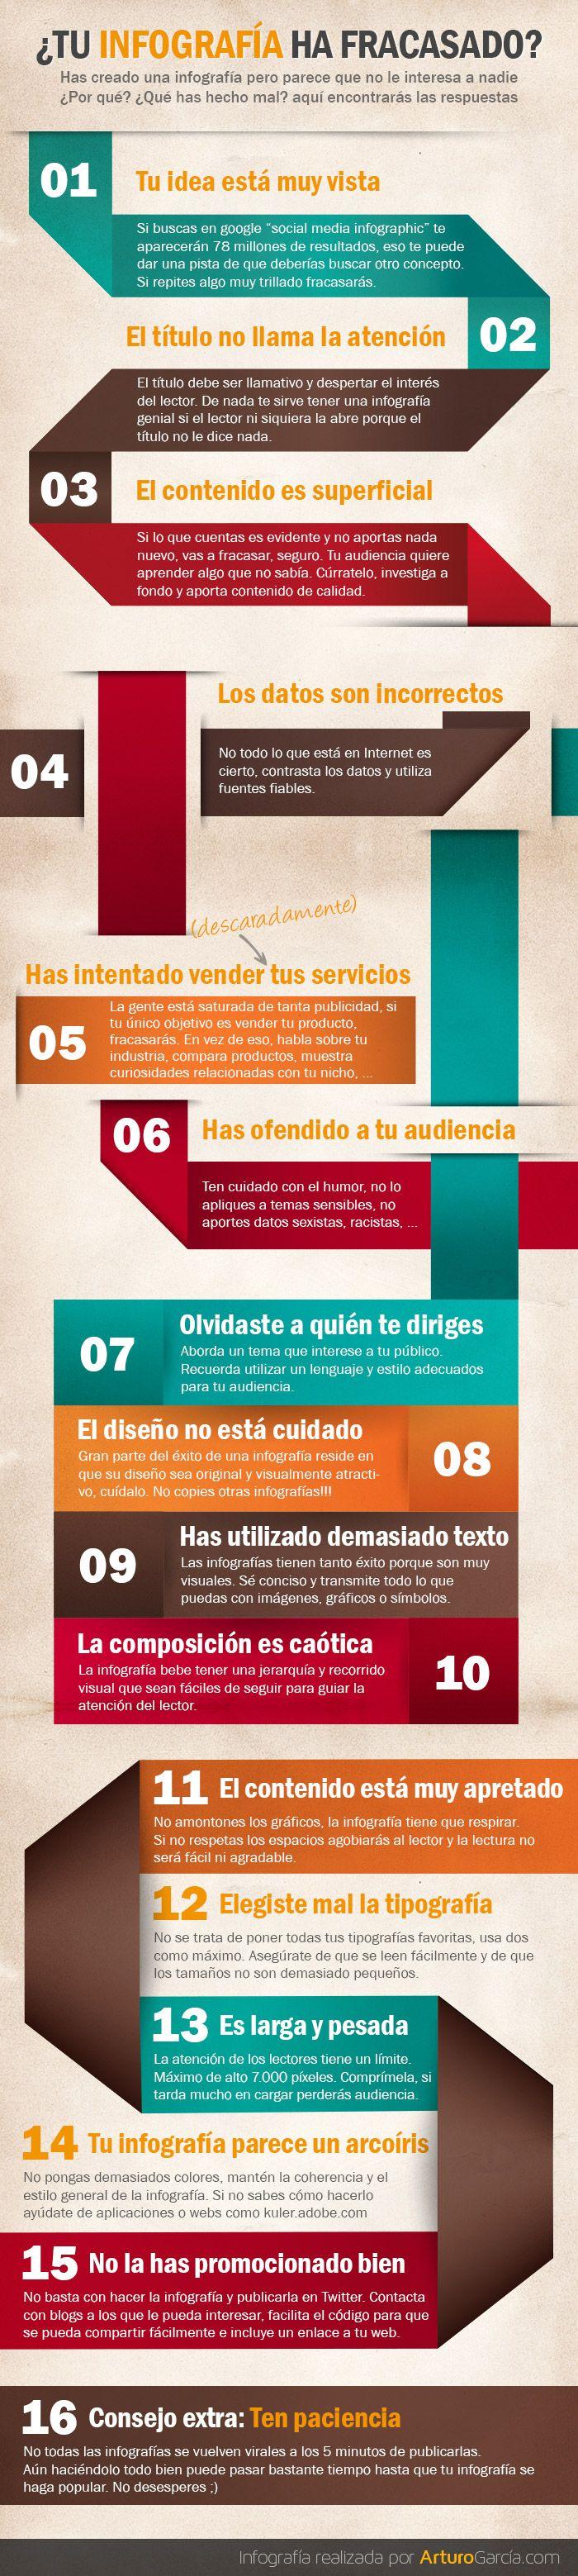 ¿Tu infografía no se ha vuelto viral? 15 errores que debes evitar (infografía)